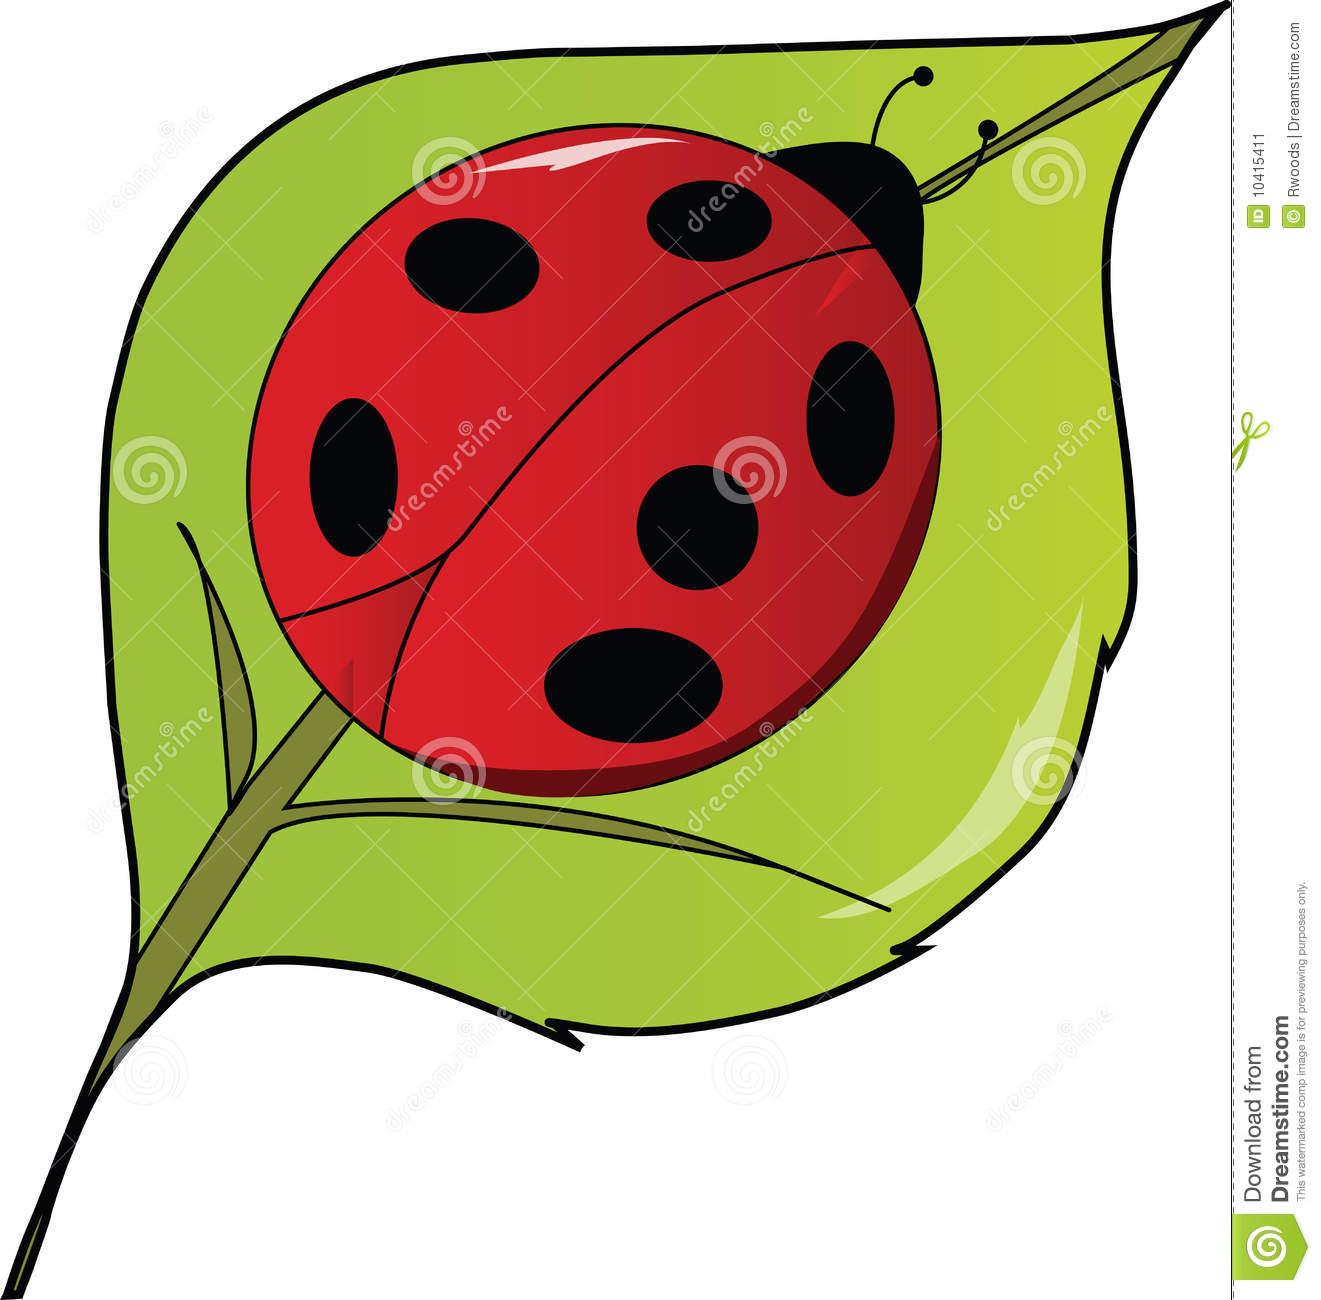 LadyBug Lady Bug On A Leaf Stock Image.